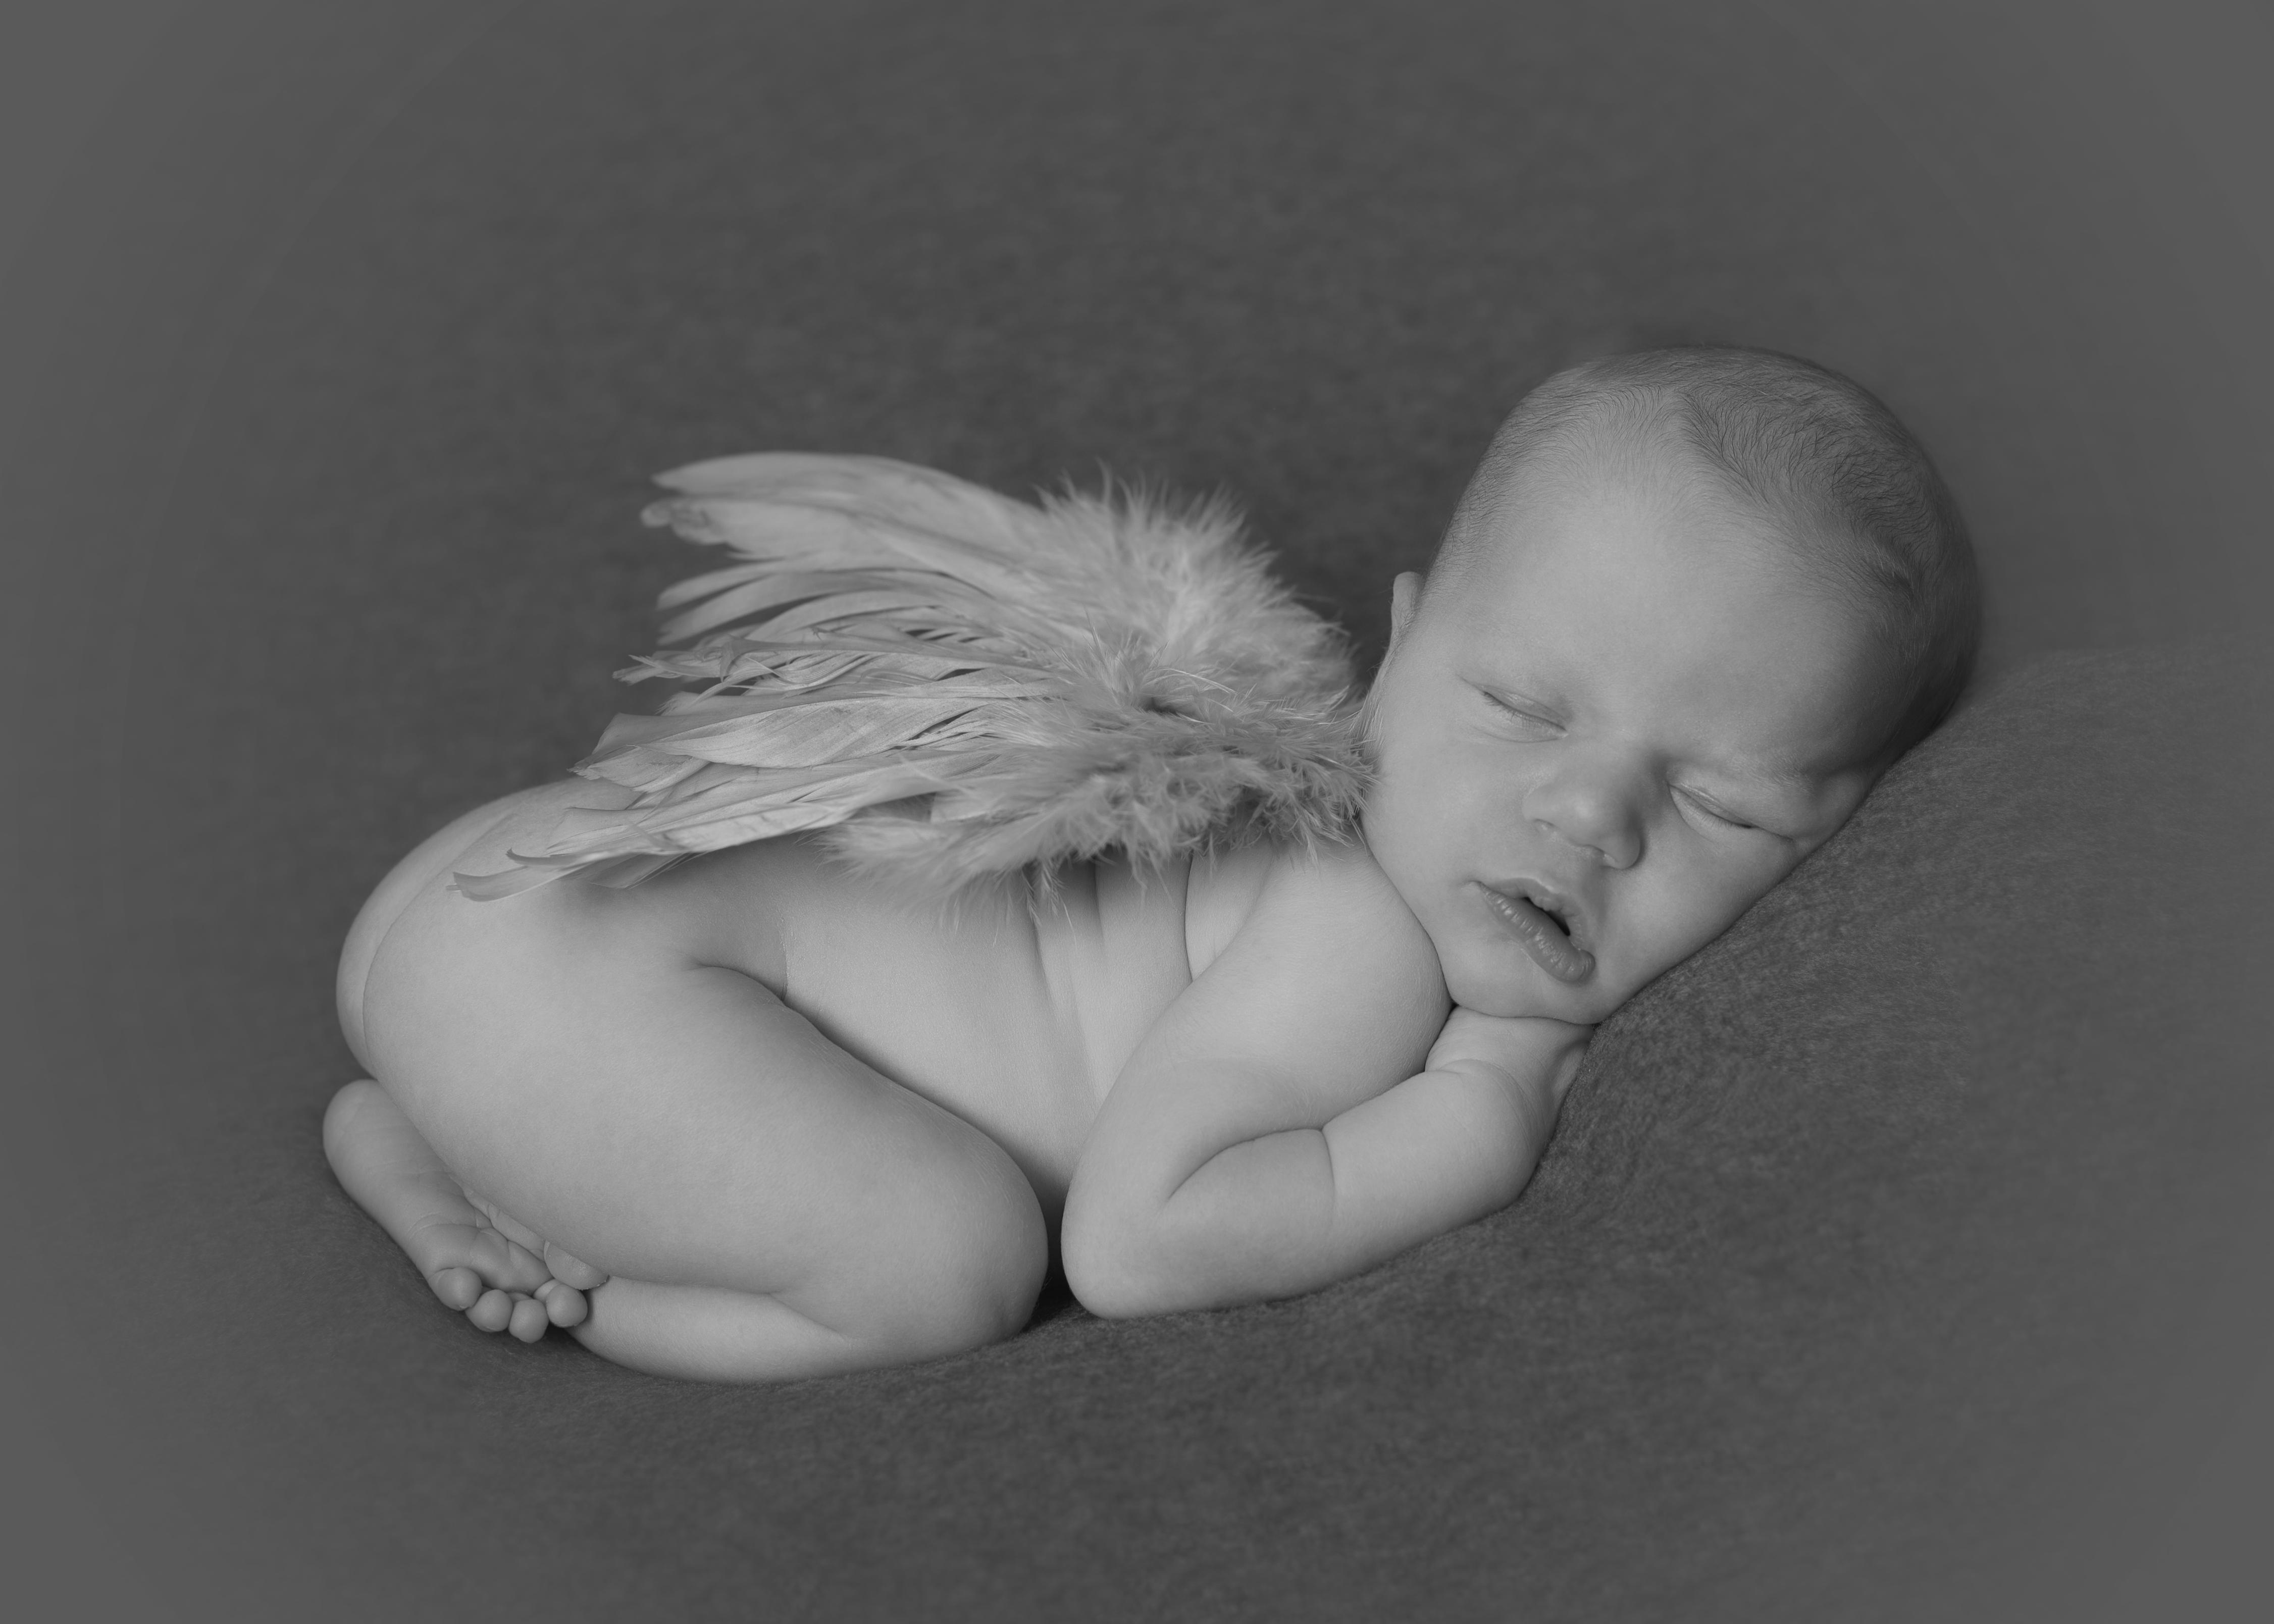 Baby Essex Photo